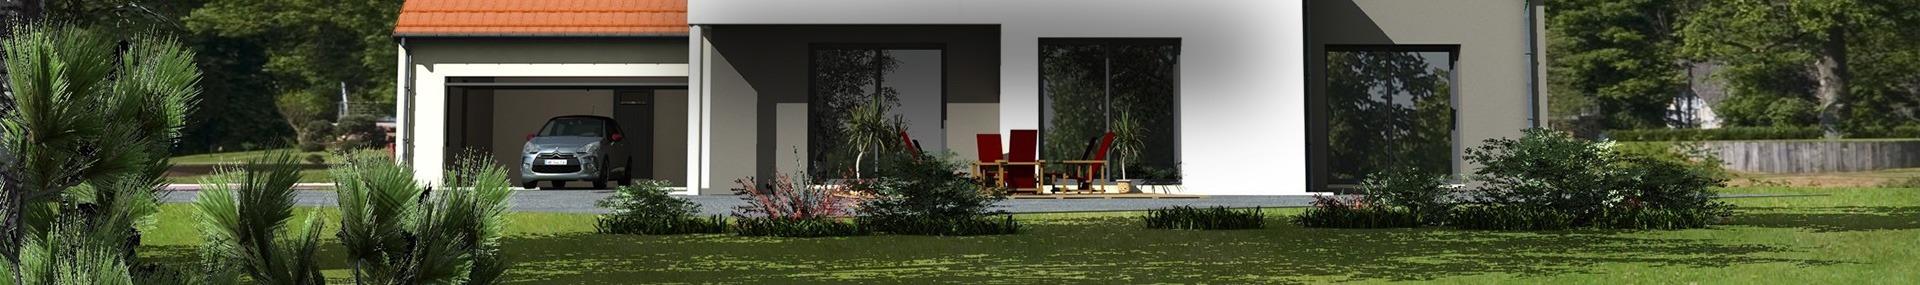 Construisez votre maison sur mesure avec Maisons Les Naturelles